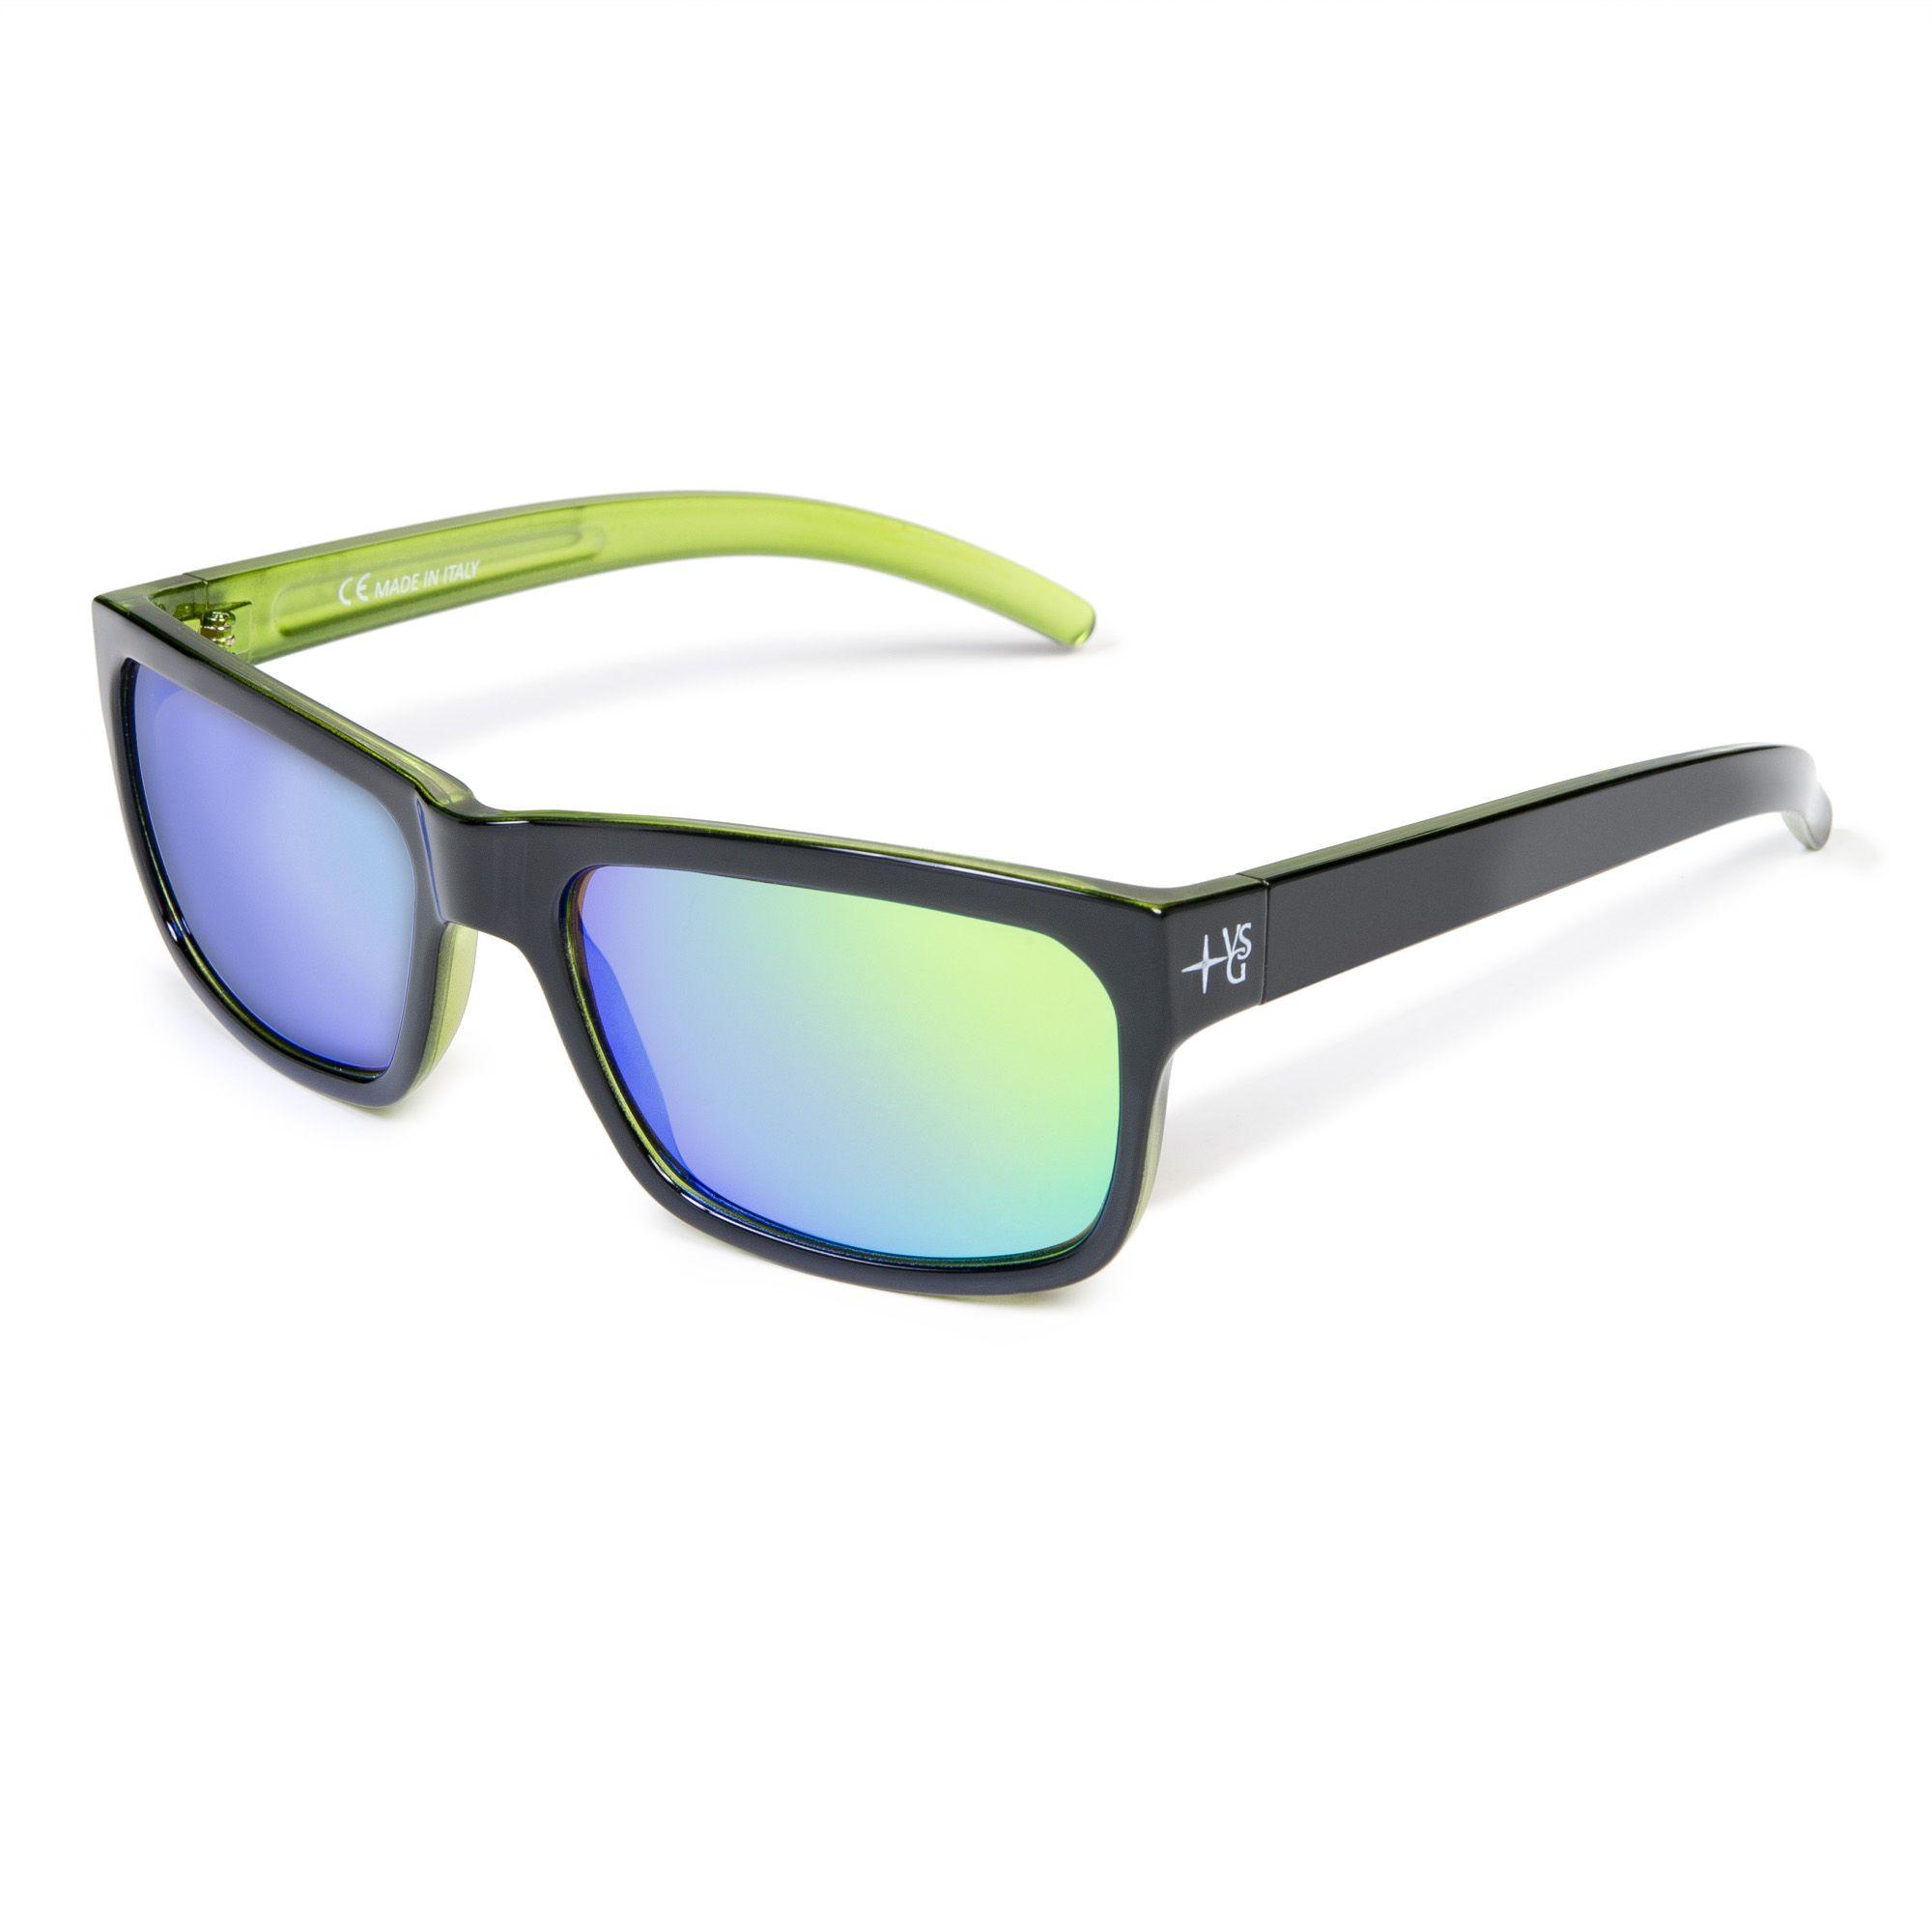 Occhiali da sole con lenti a specchio e astine colorate qvc italia - Occhiali con lenti a specchio colorate ...